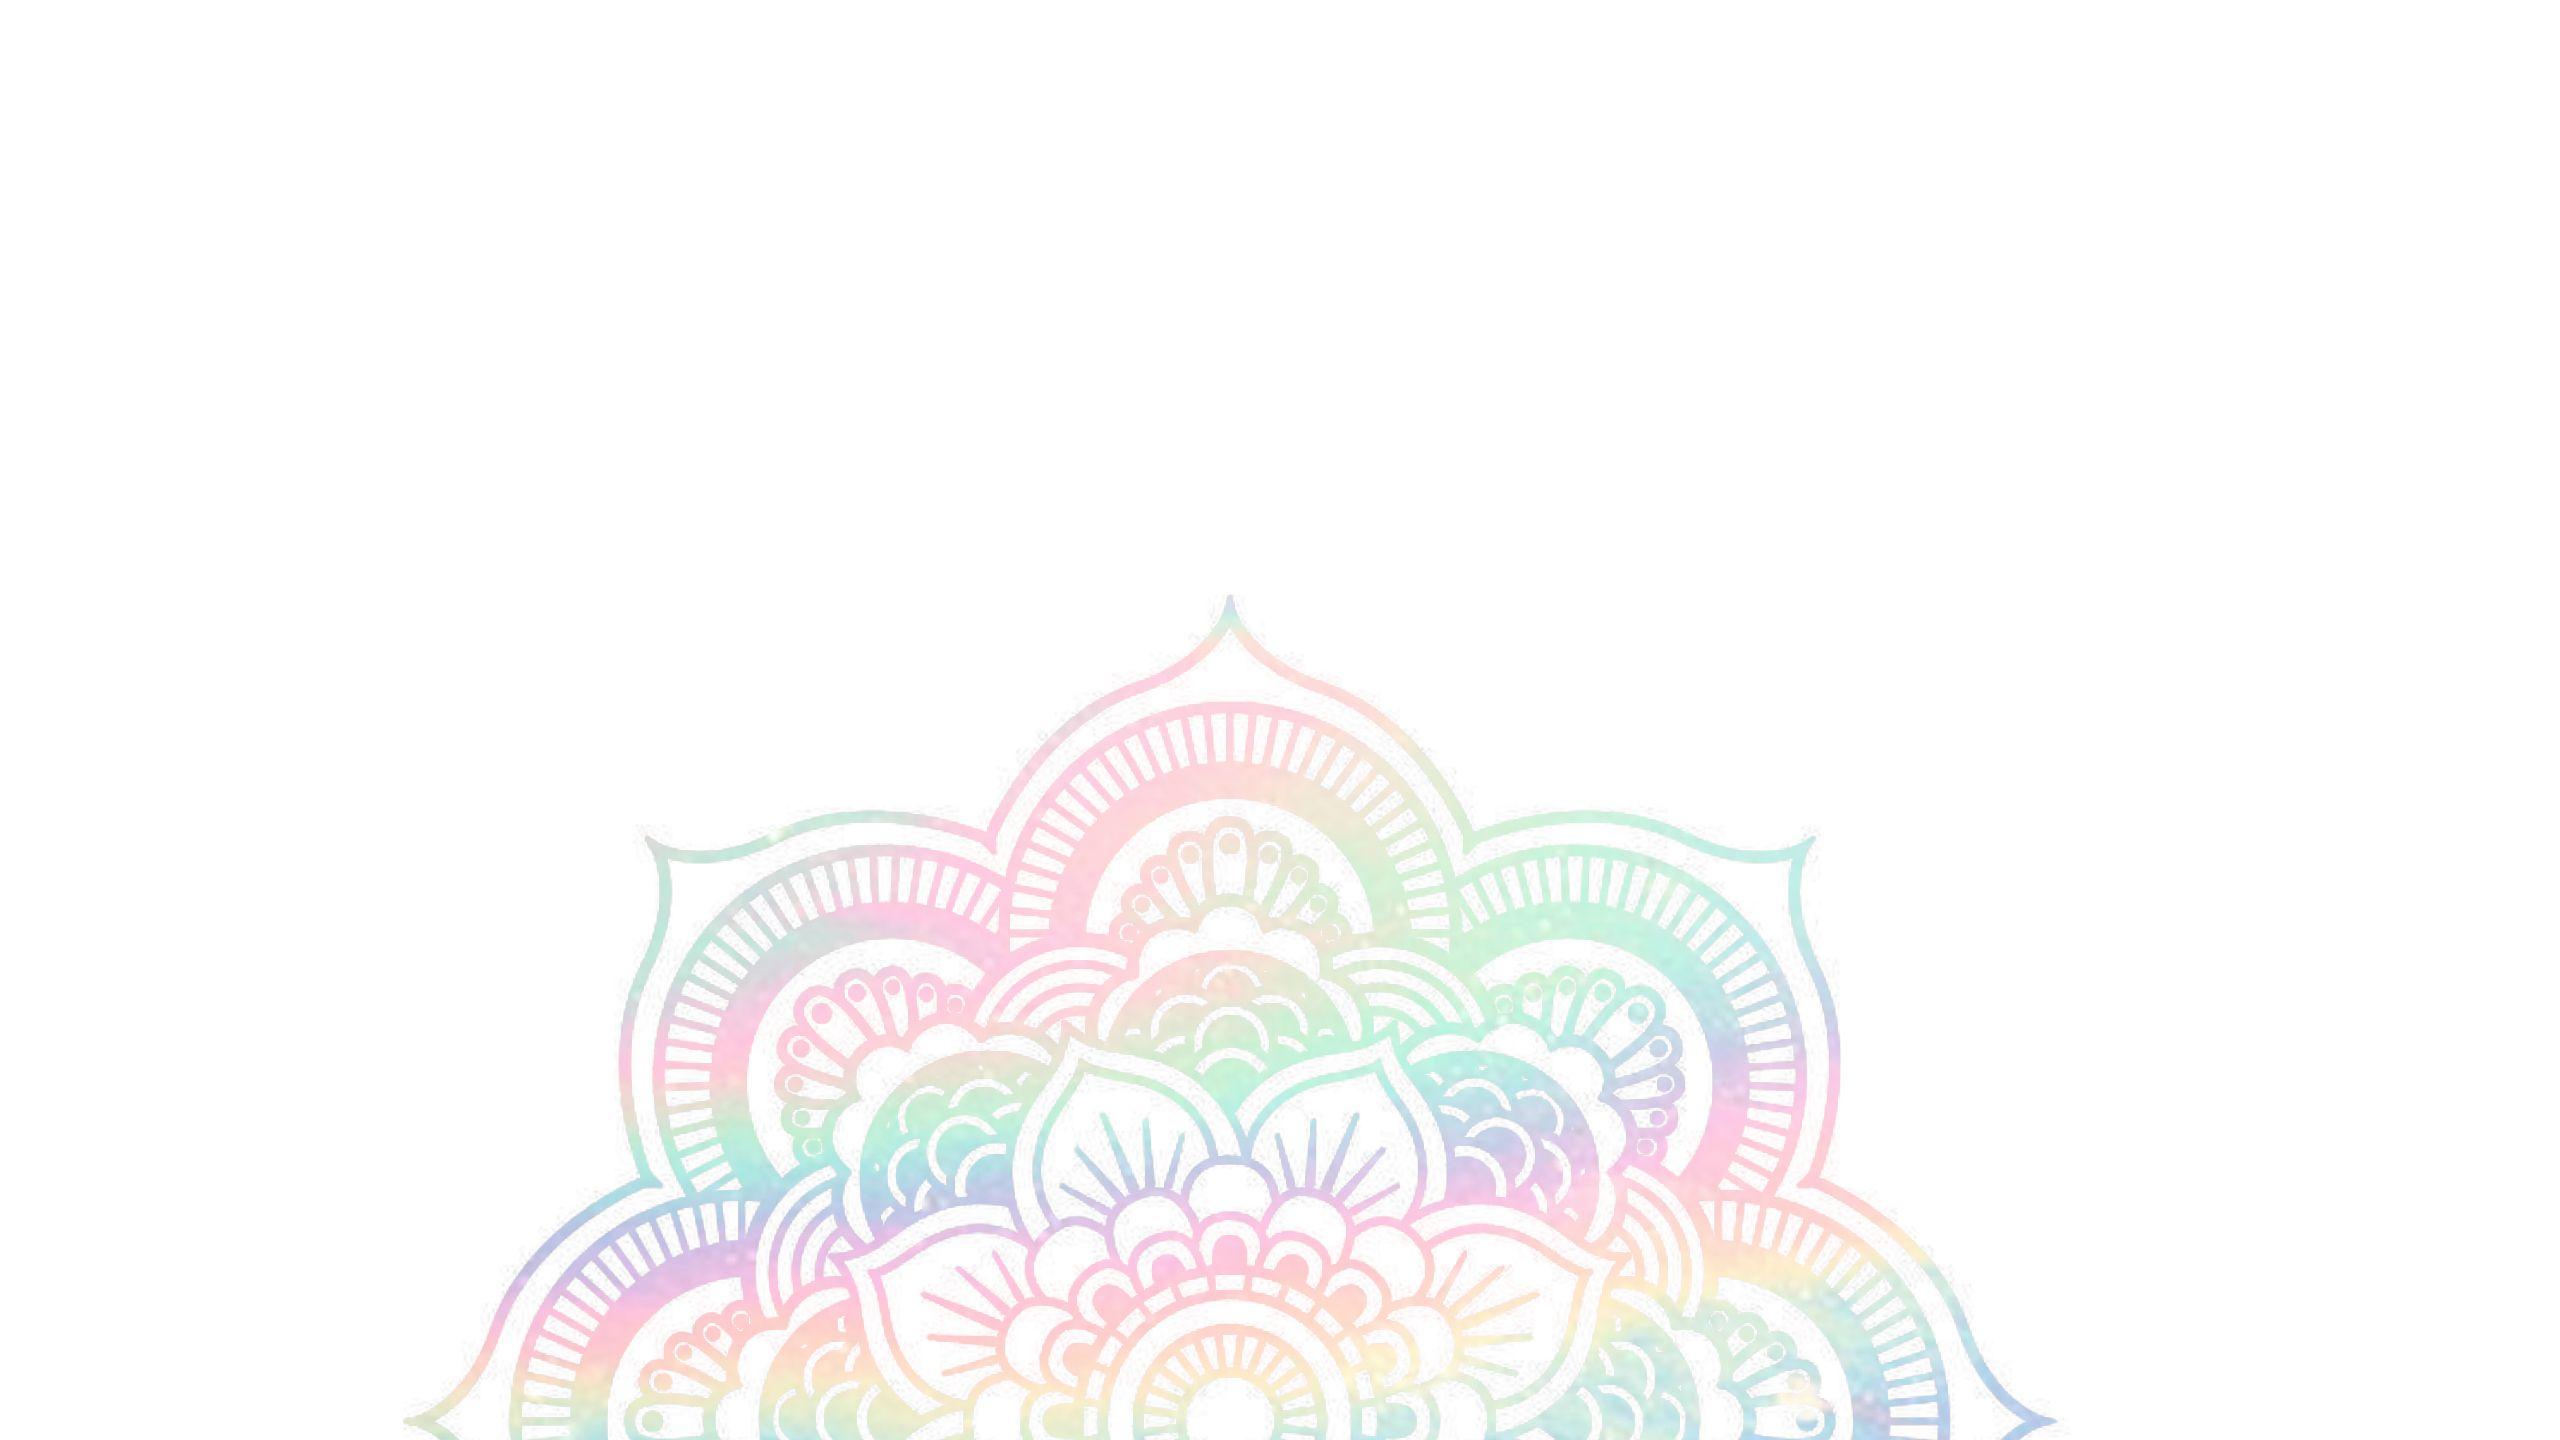 Fond d écran oreo kawaii ❣ Fond d écran Pinterest